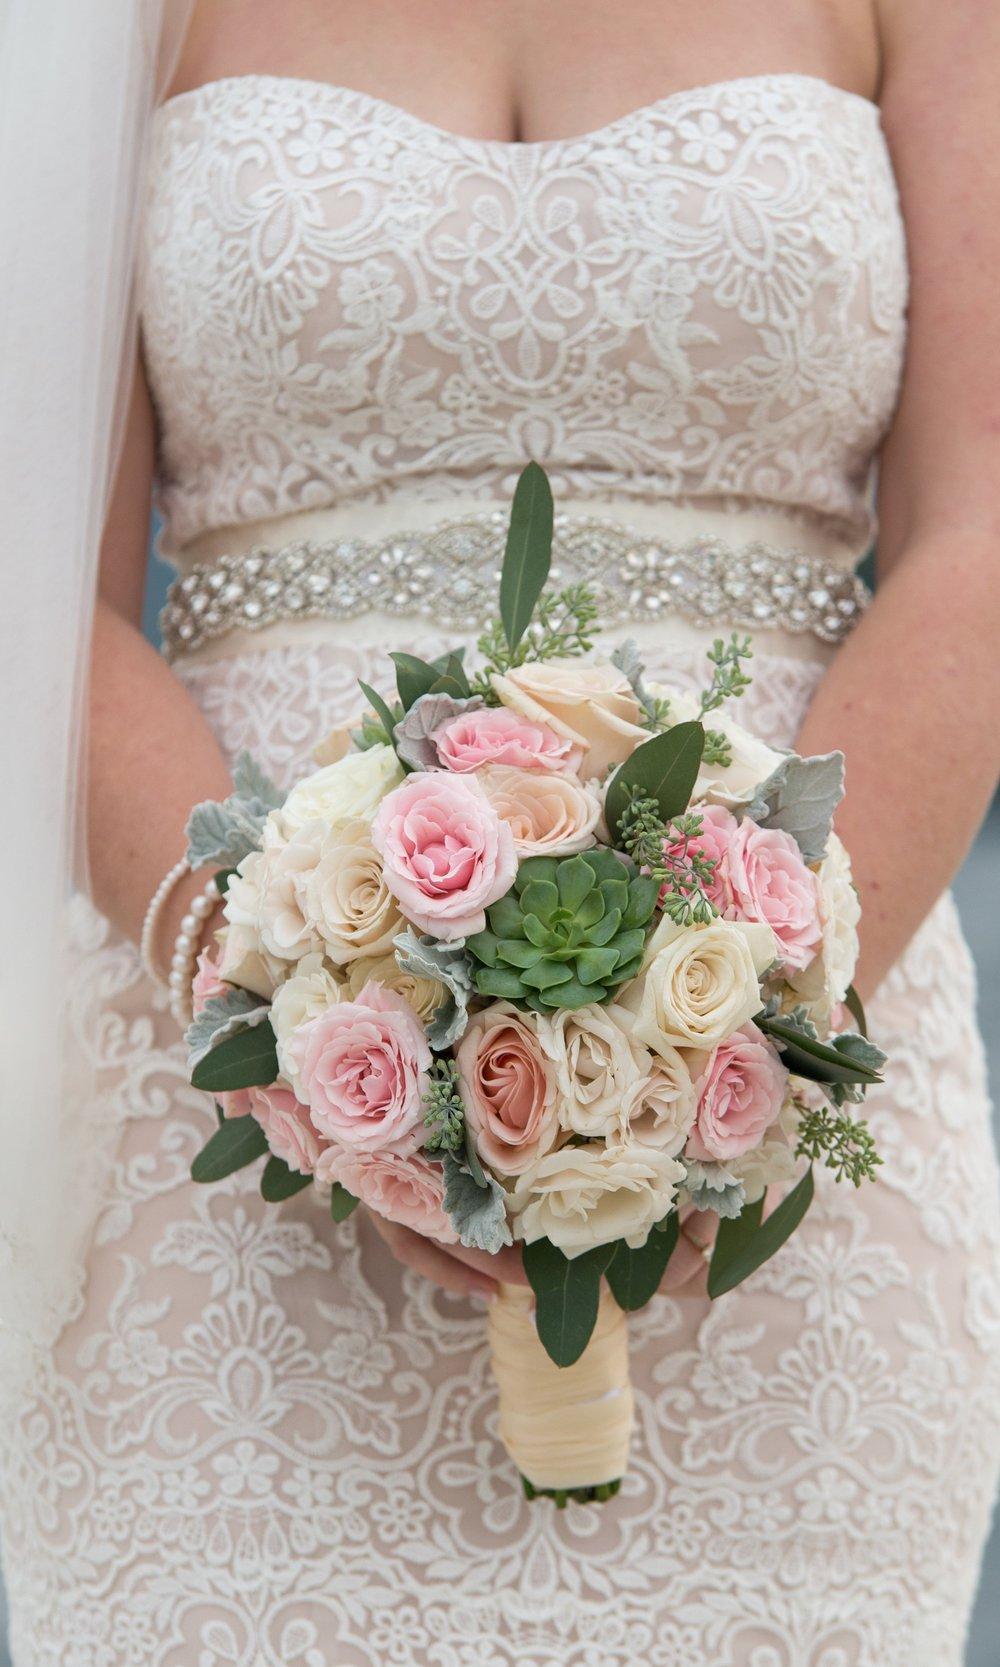 bridal-dress-bouquet-sagamore-resort-lake-george-ny-wedding-ym-photography